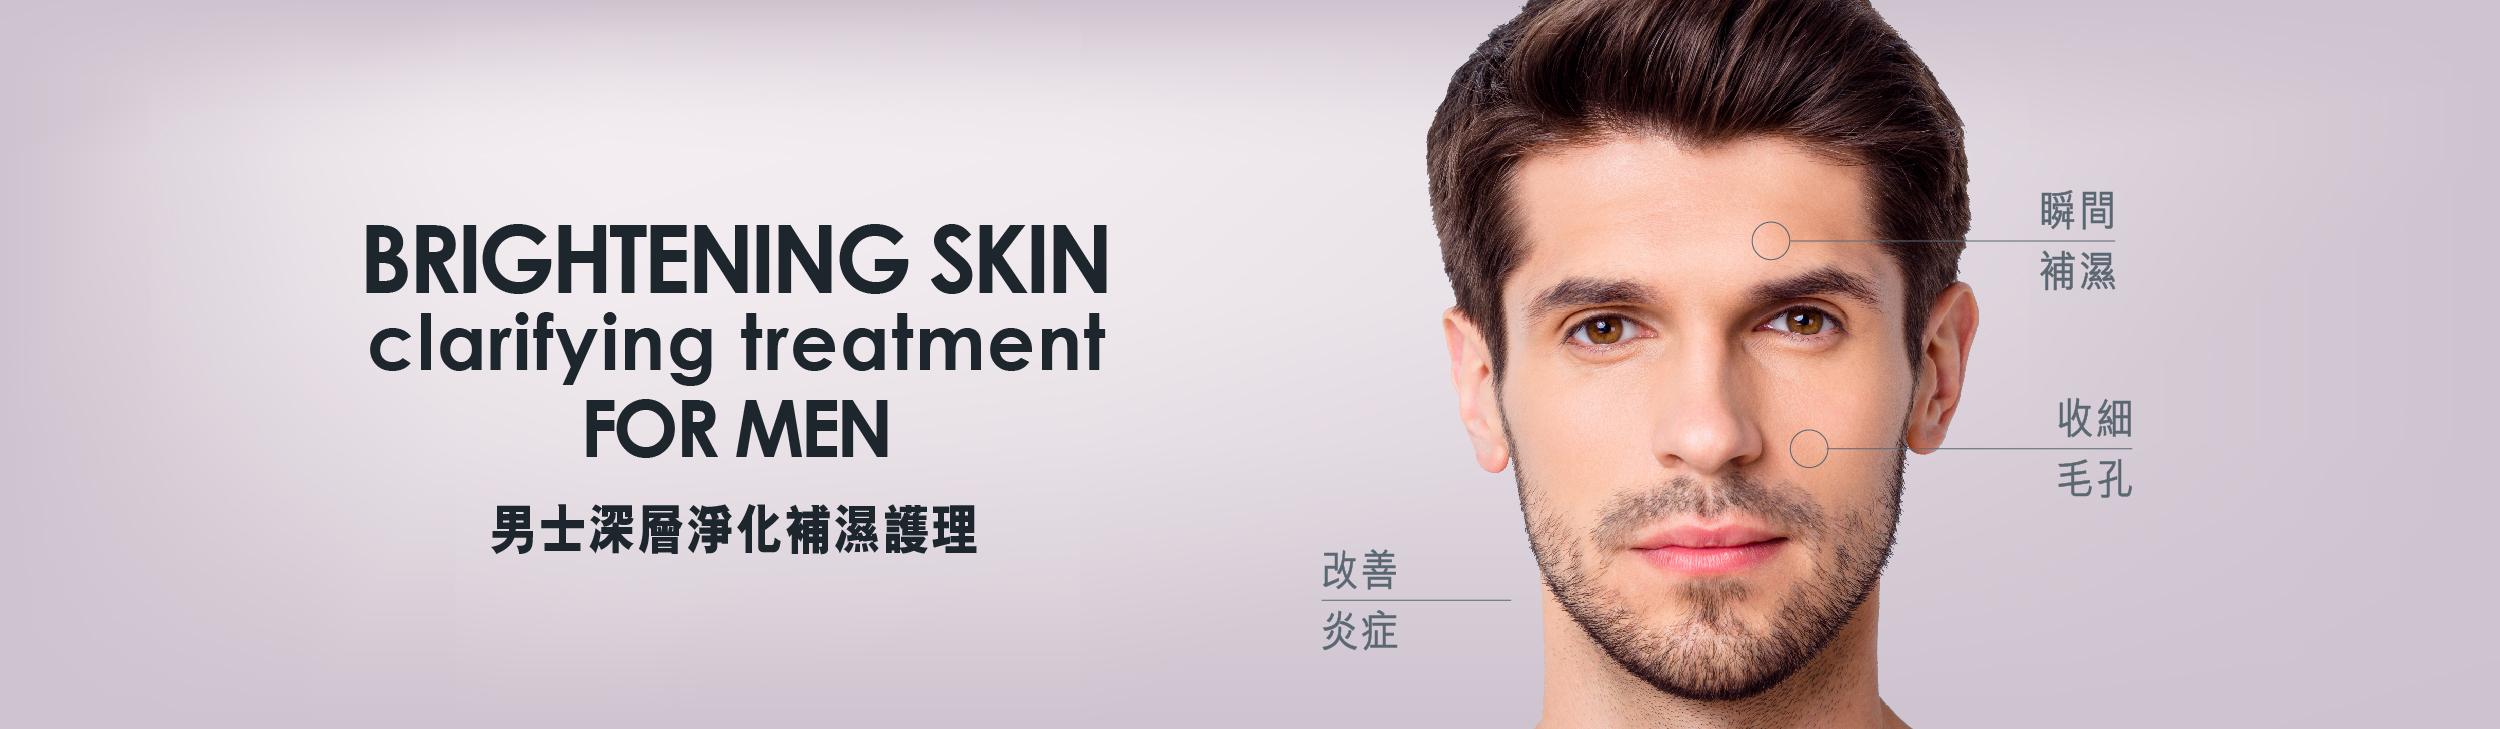 男士深層淨化補濕護理療程 (Brightening Skin Clarifying Treatment for Men),即時為您的肌膚補充水分,深層清潔,去除多餘油脂,清除黑頭及粉刺,減少細菌滋生,預防暗瘡形成,令肌膚重光采。